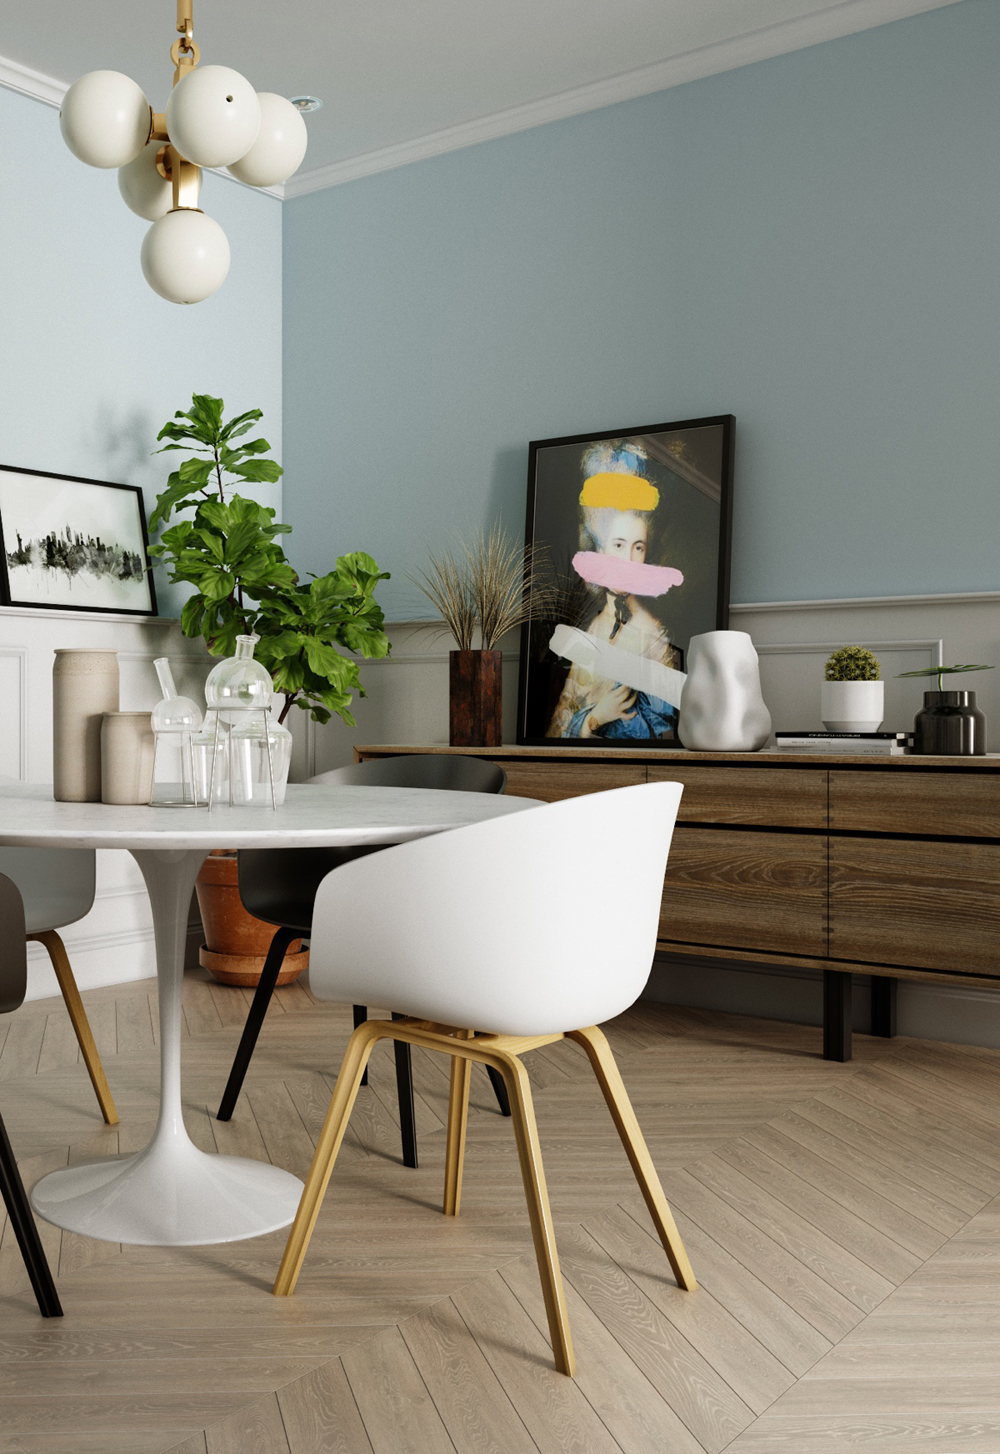 Thiết kế nội thất phòng khách và bếp theo phong cách scandinavia